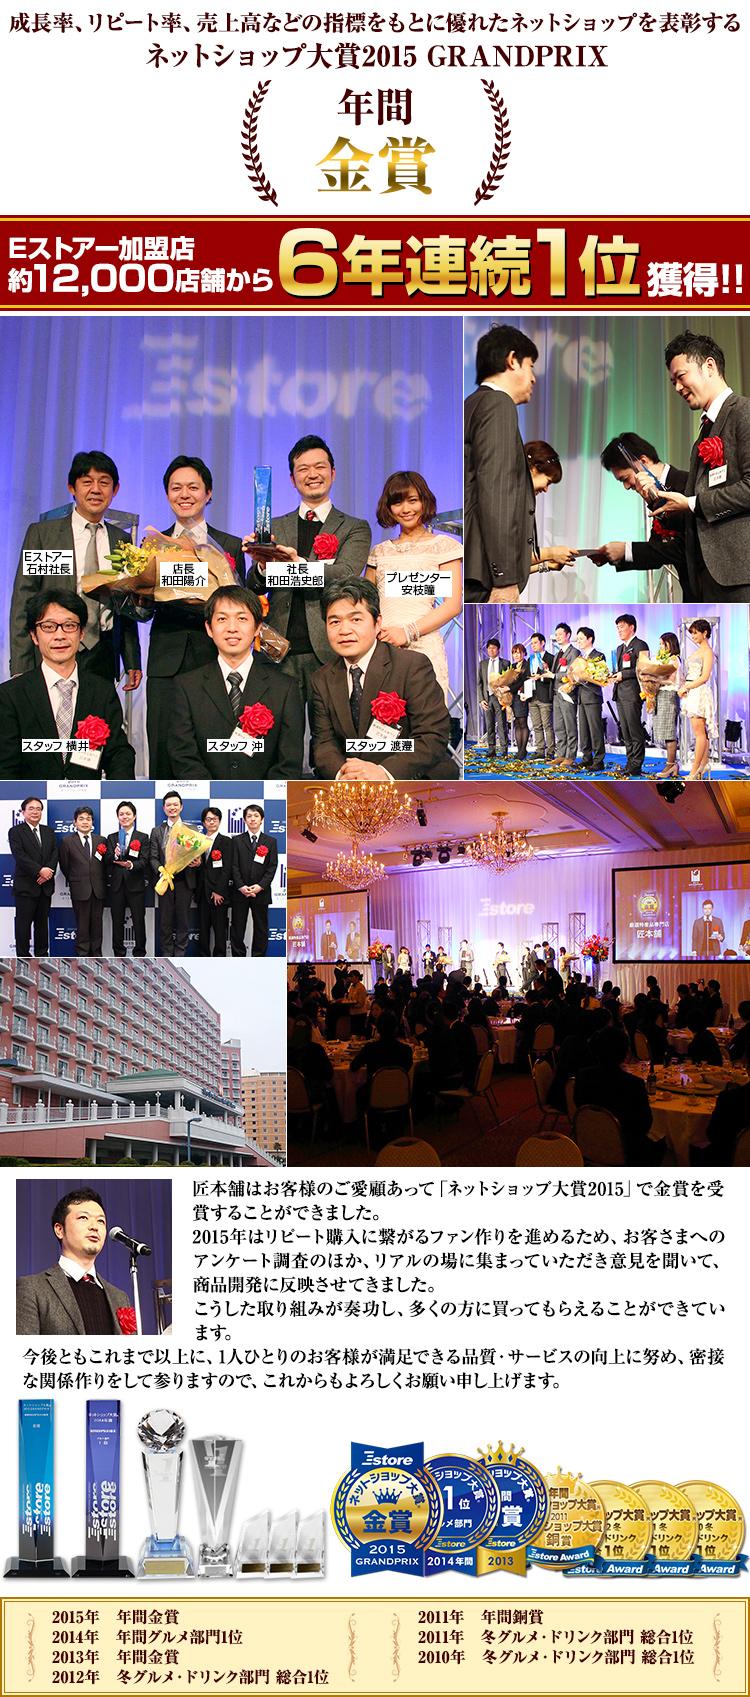 ネットショプ大賞2015授賞式